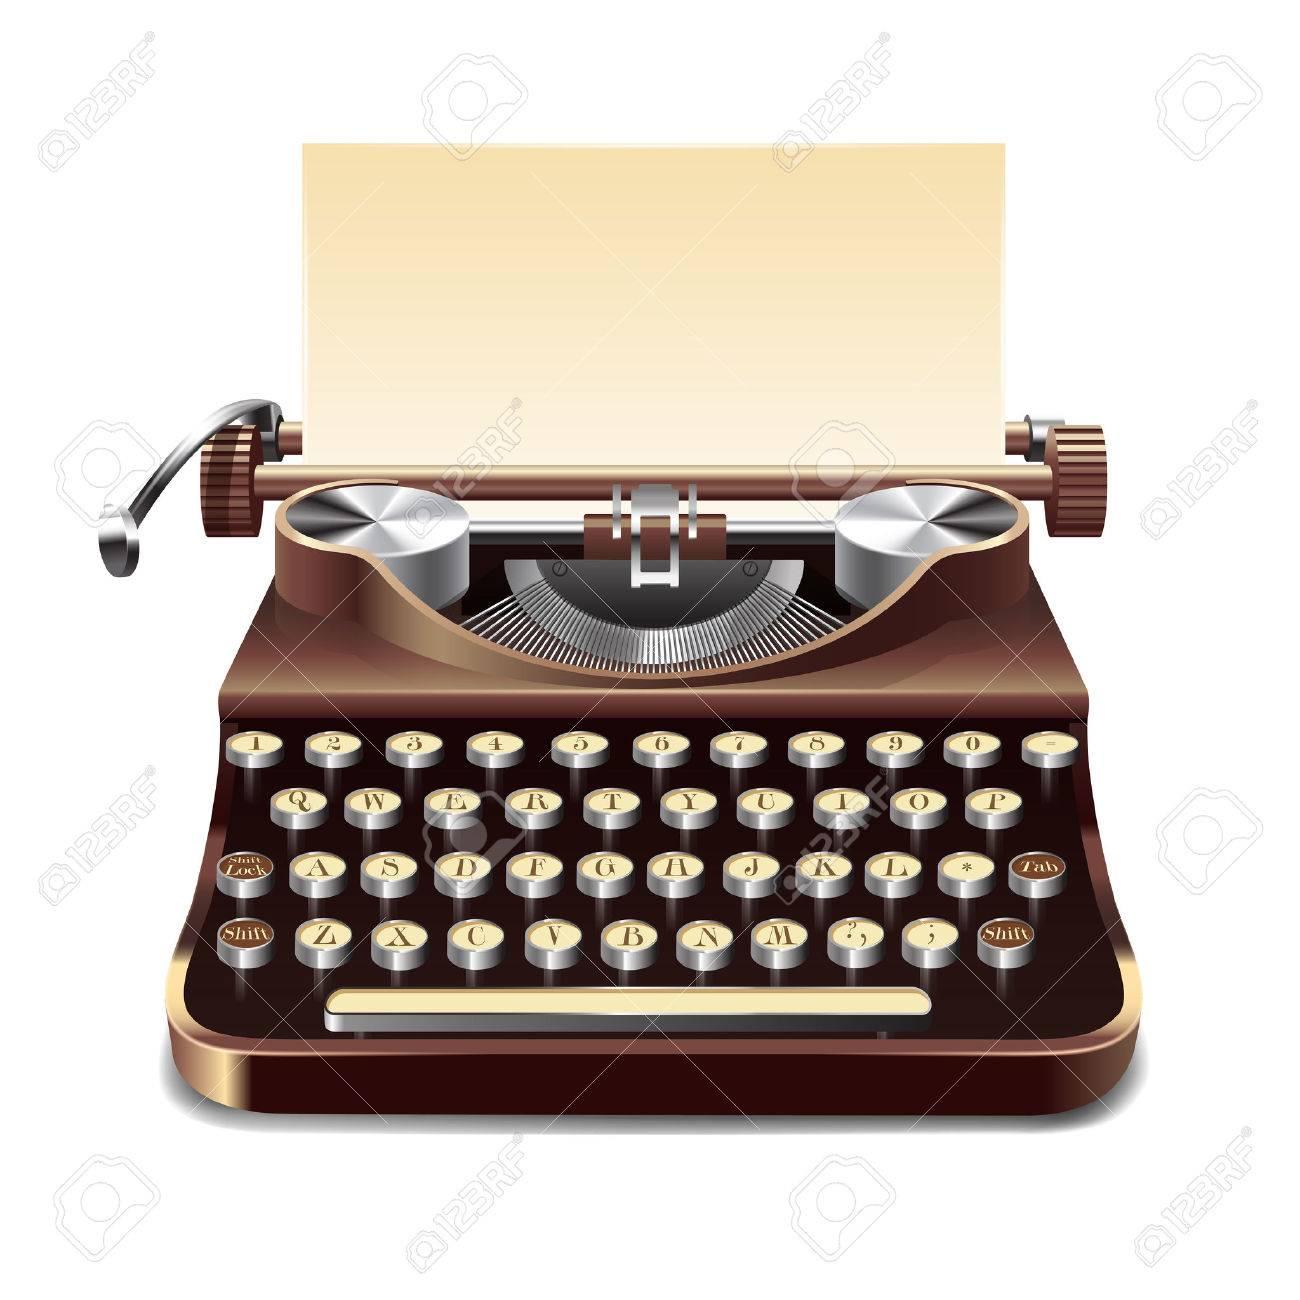 Realistische Alten Stil Schreibmaschine Mit Blatt Papier Isoliert ...